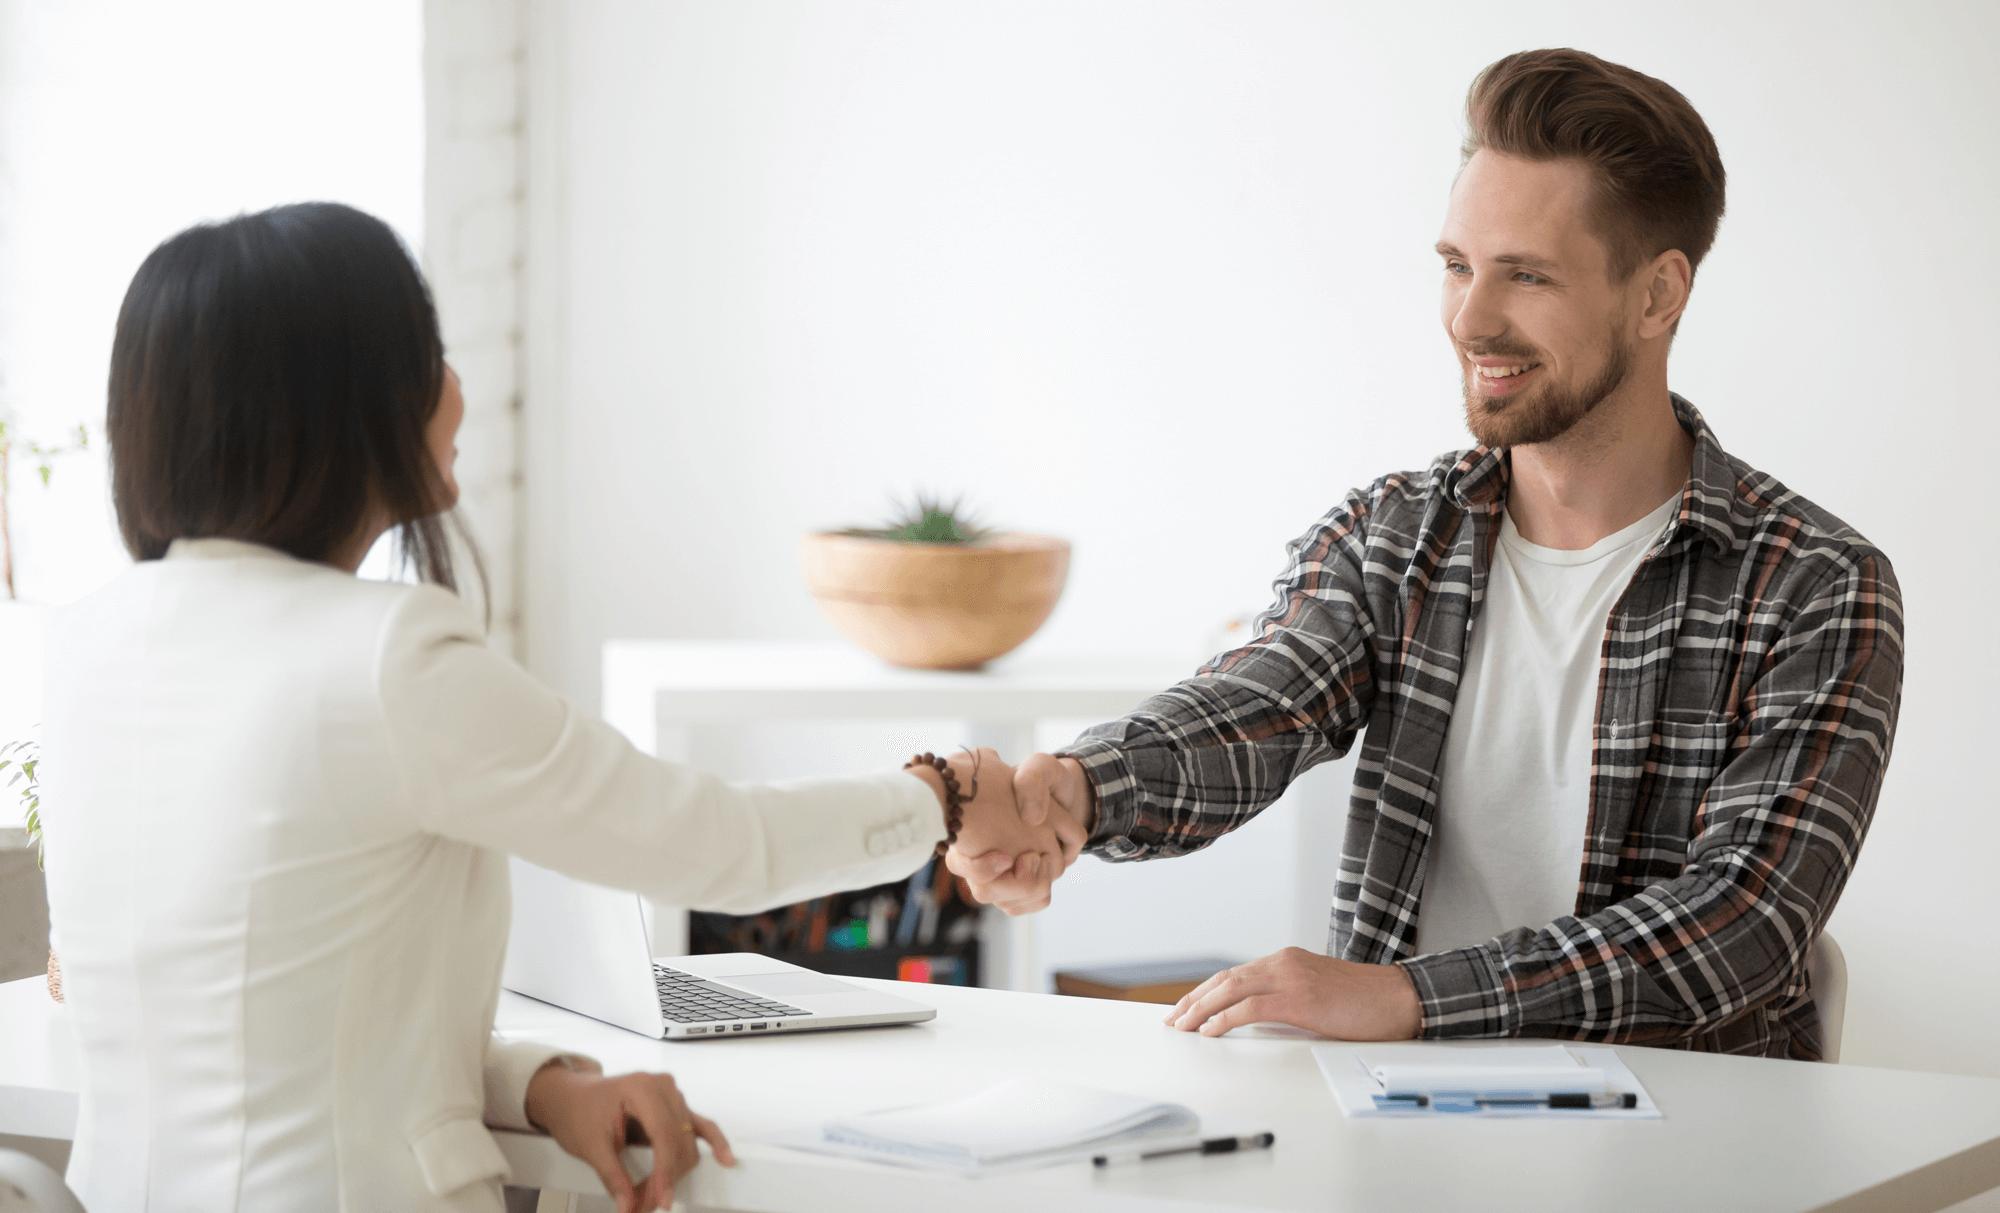 Klantperspectief | Balanced Scorecard | 4 opties en blije klanten